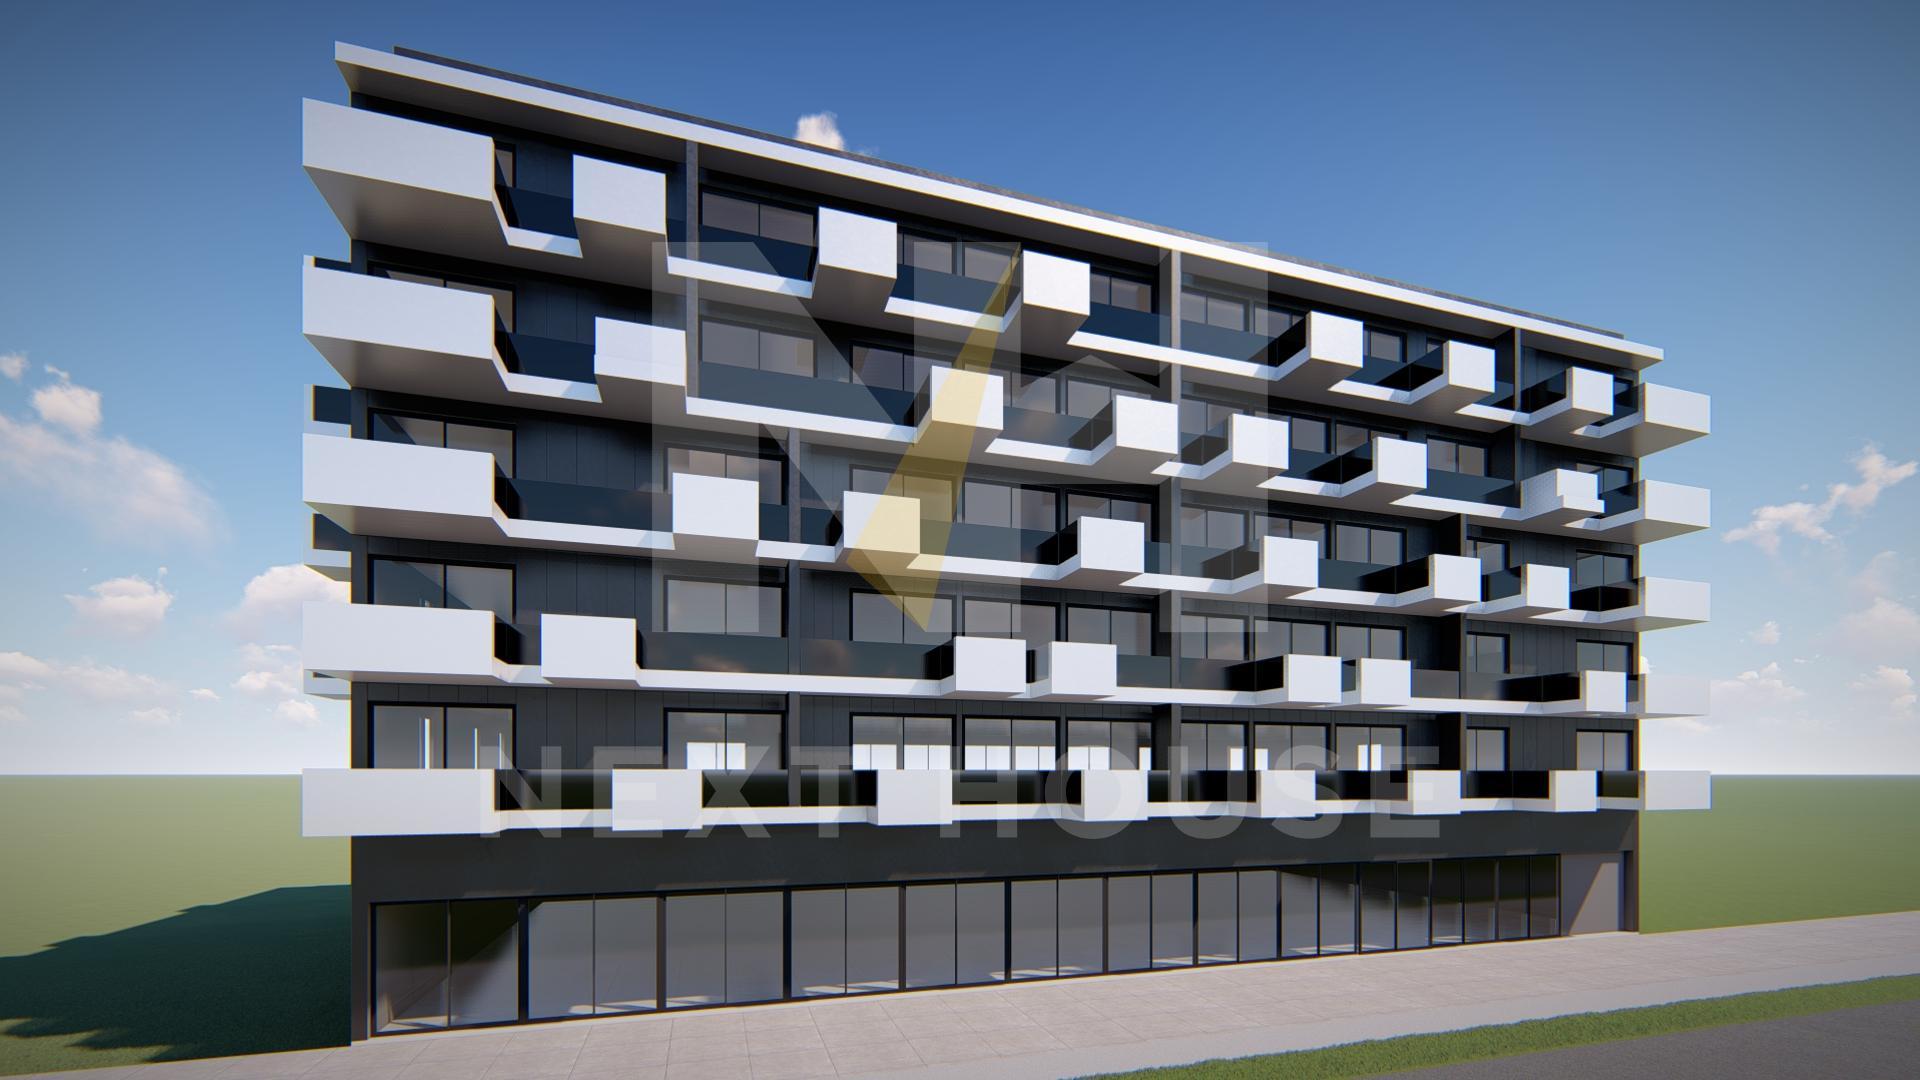 Apartamento T4 Novo em Aveiro  - Aveiro, Esgueira